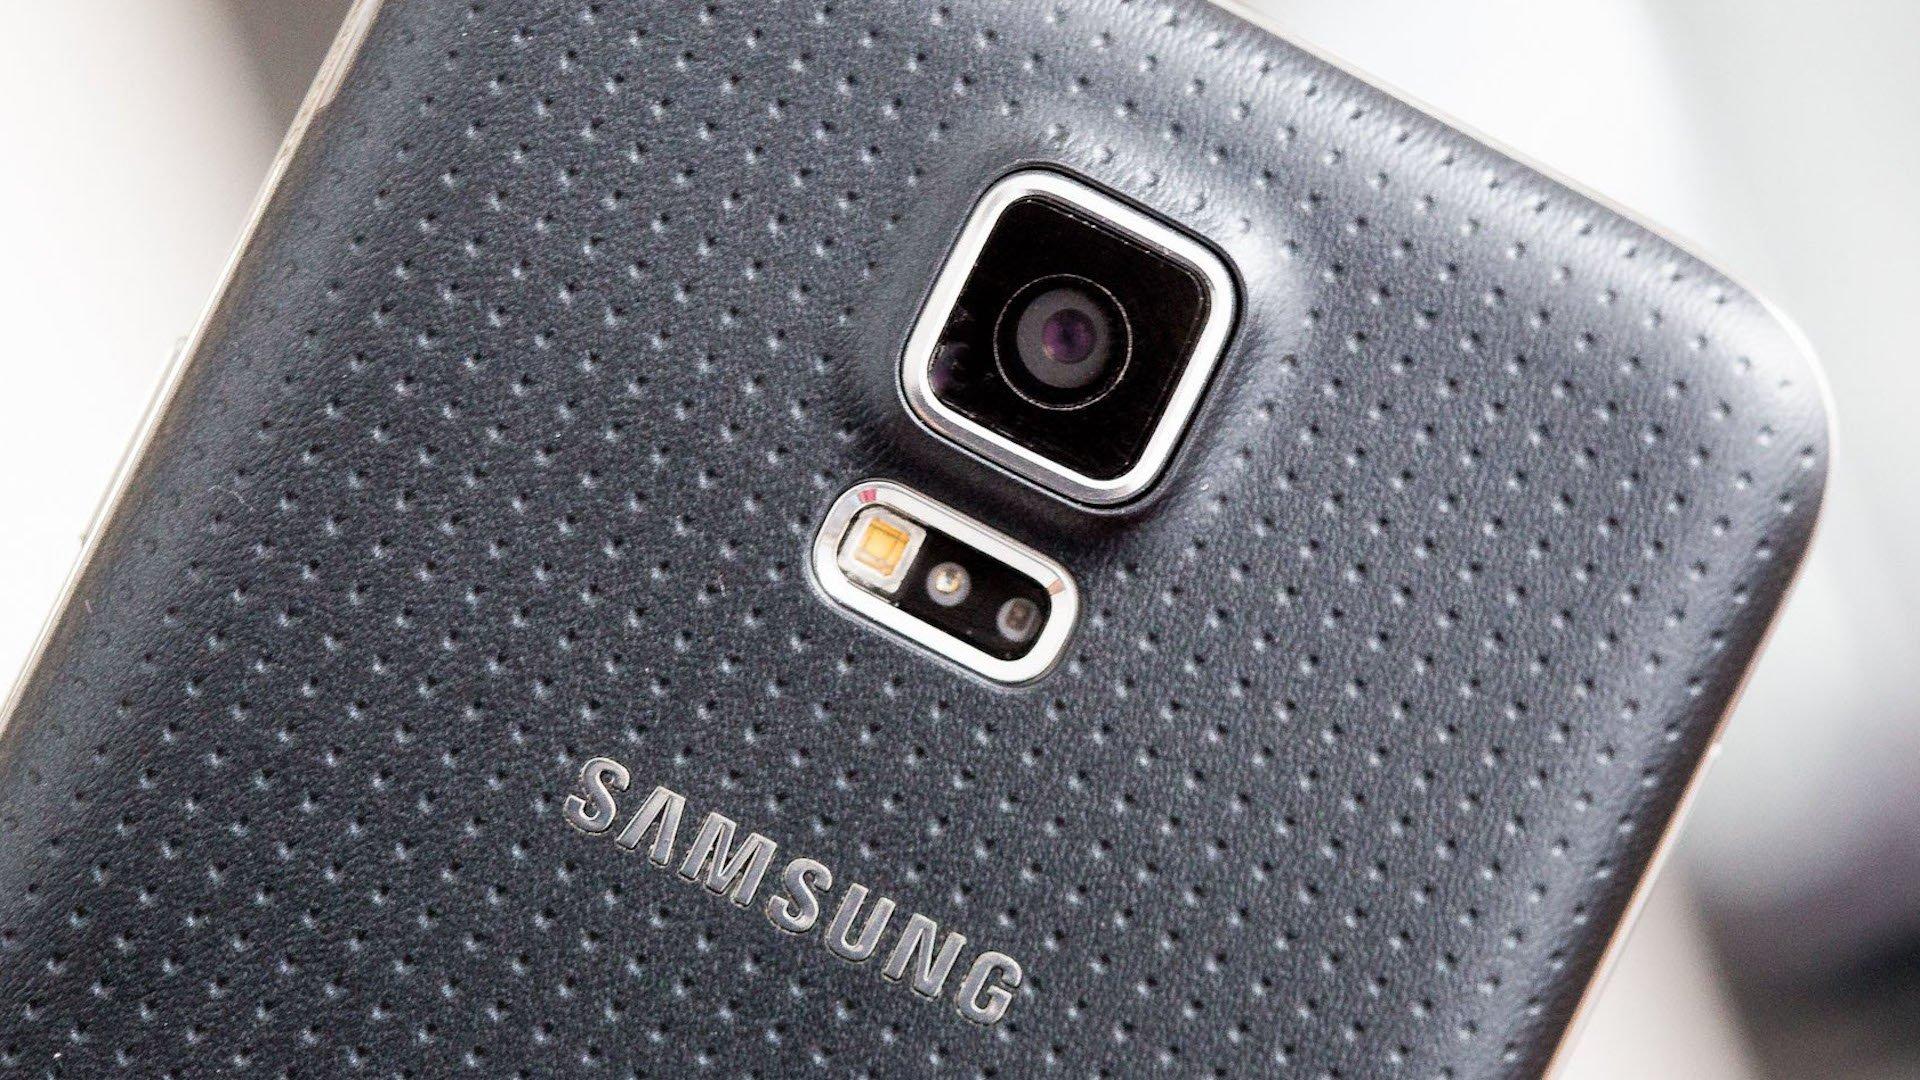 Galaxy S5 começa a receber a atualização de segurança de janeiro | AndroidPIT